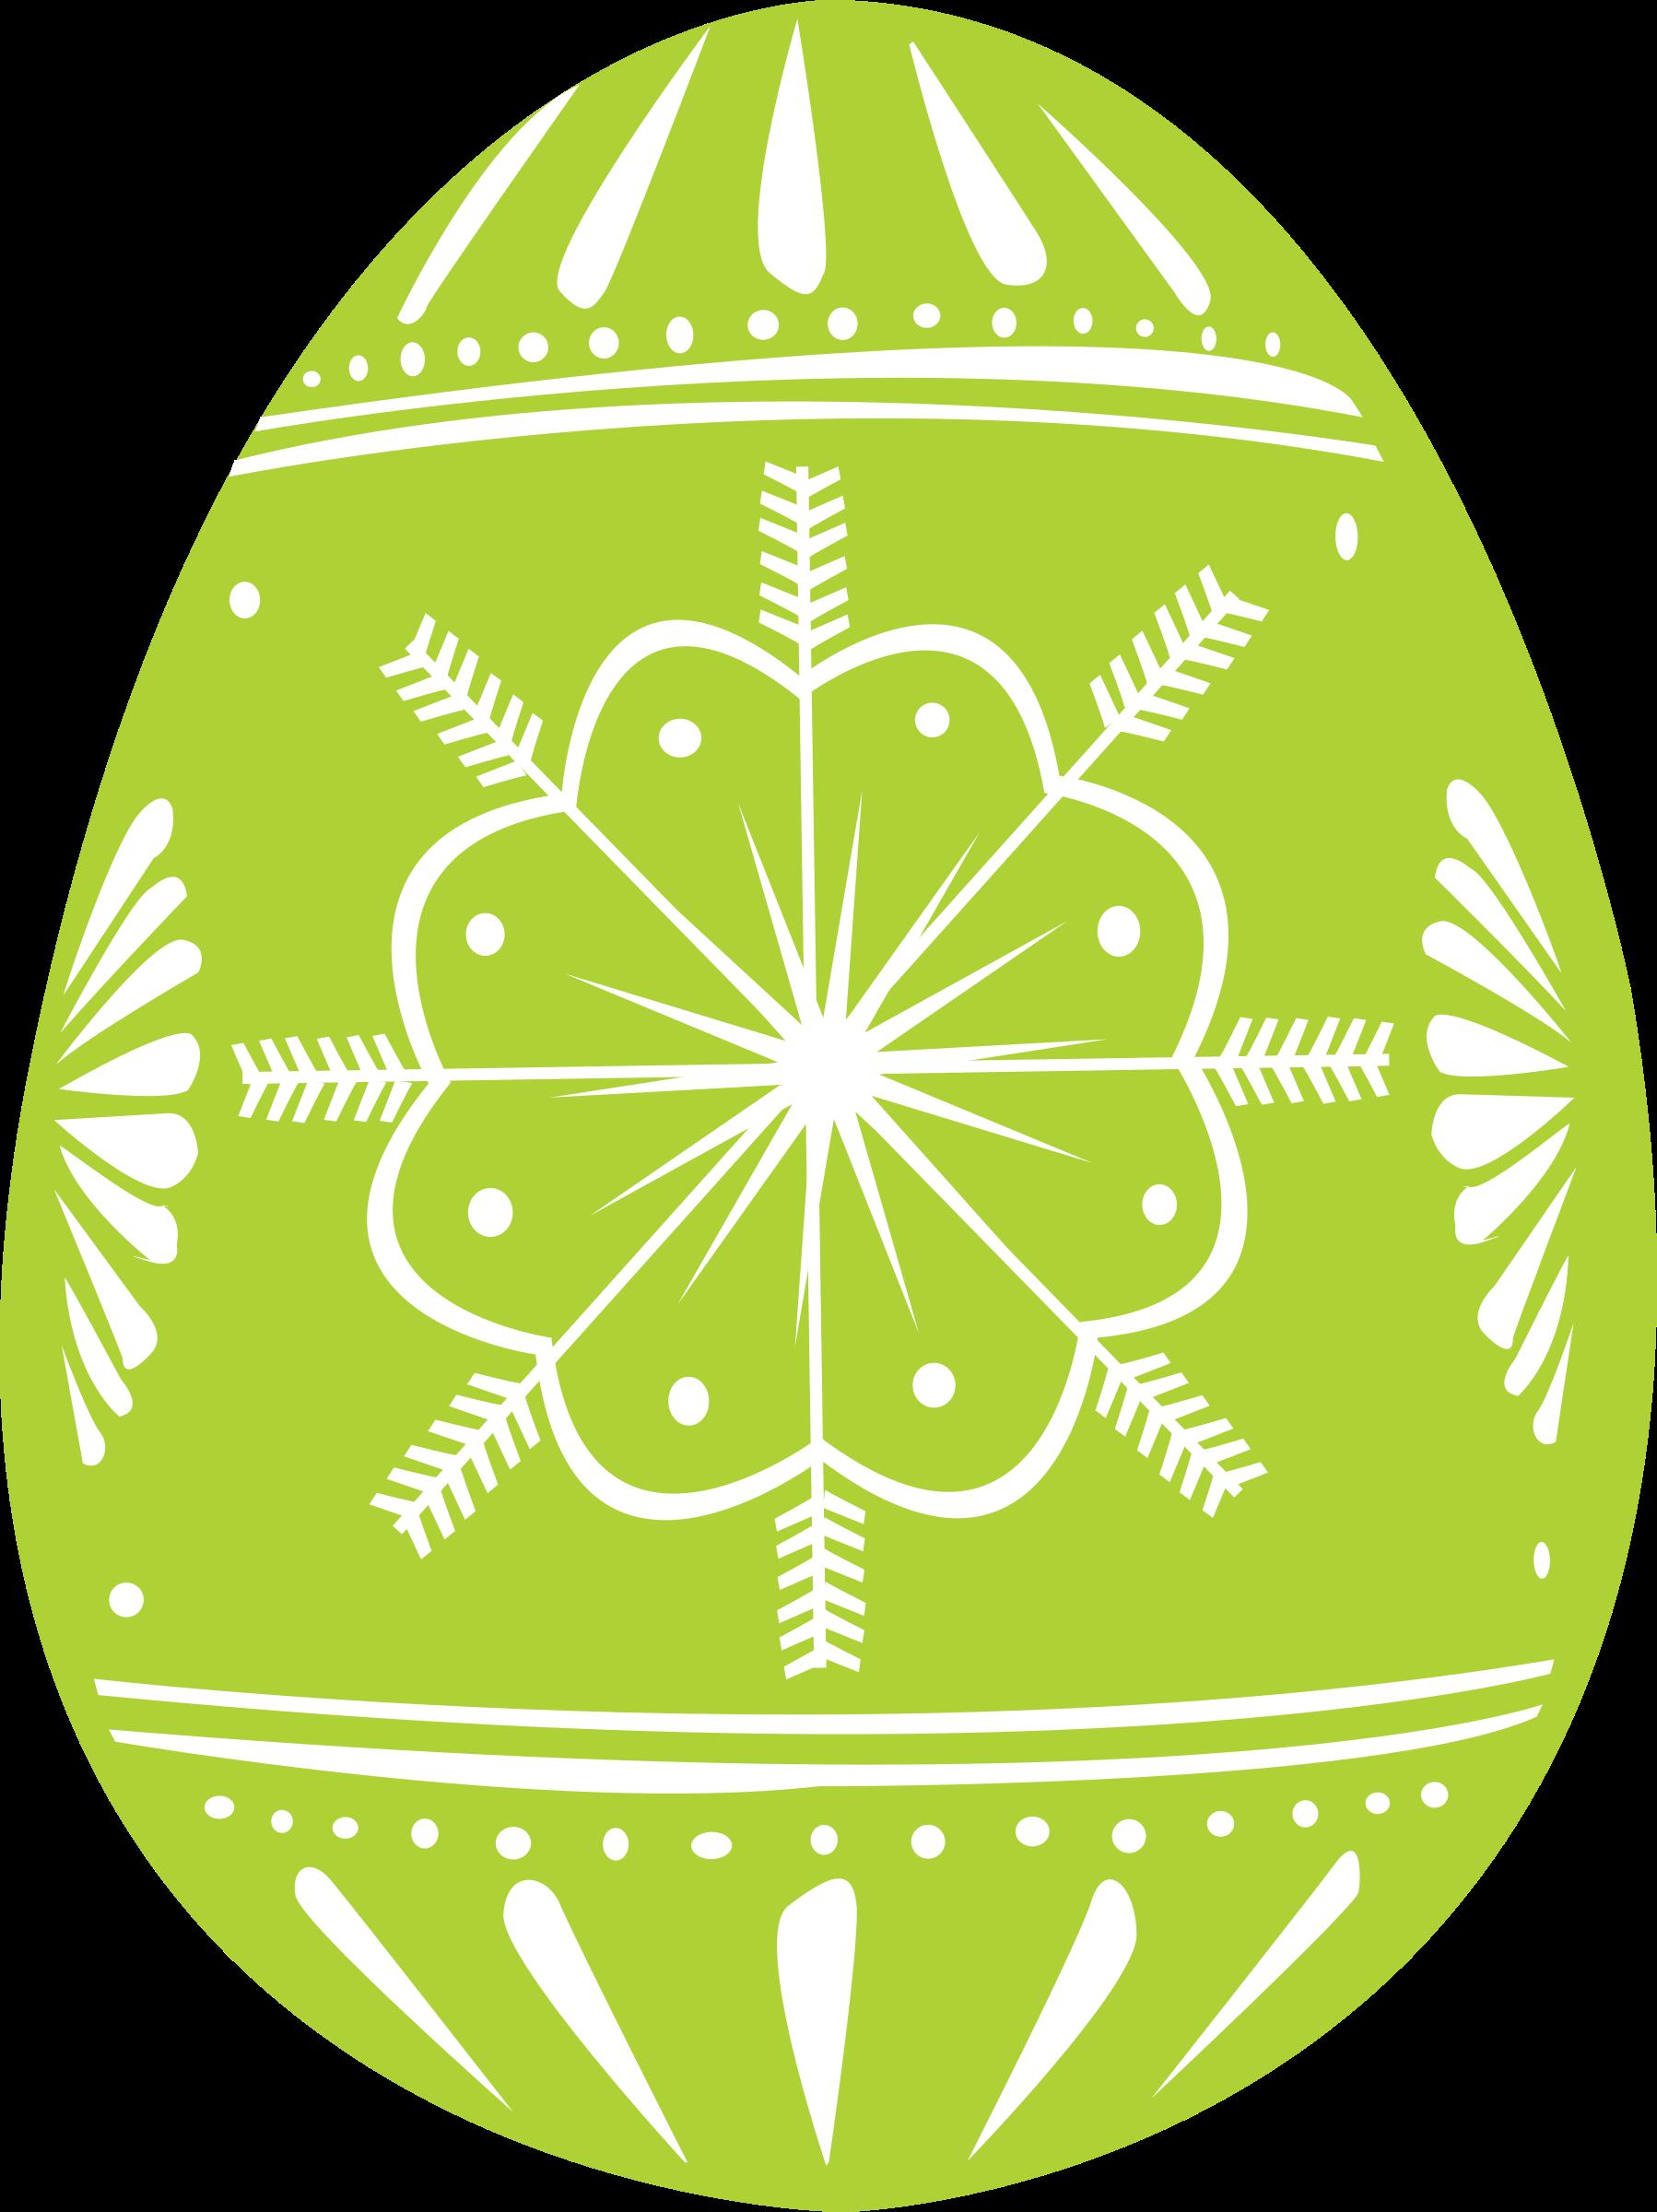 Clipart - easter egg green